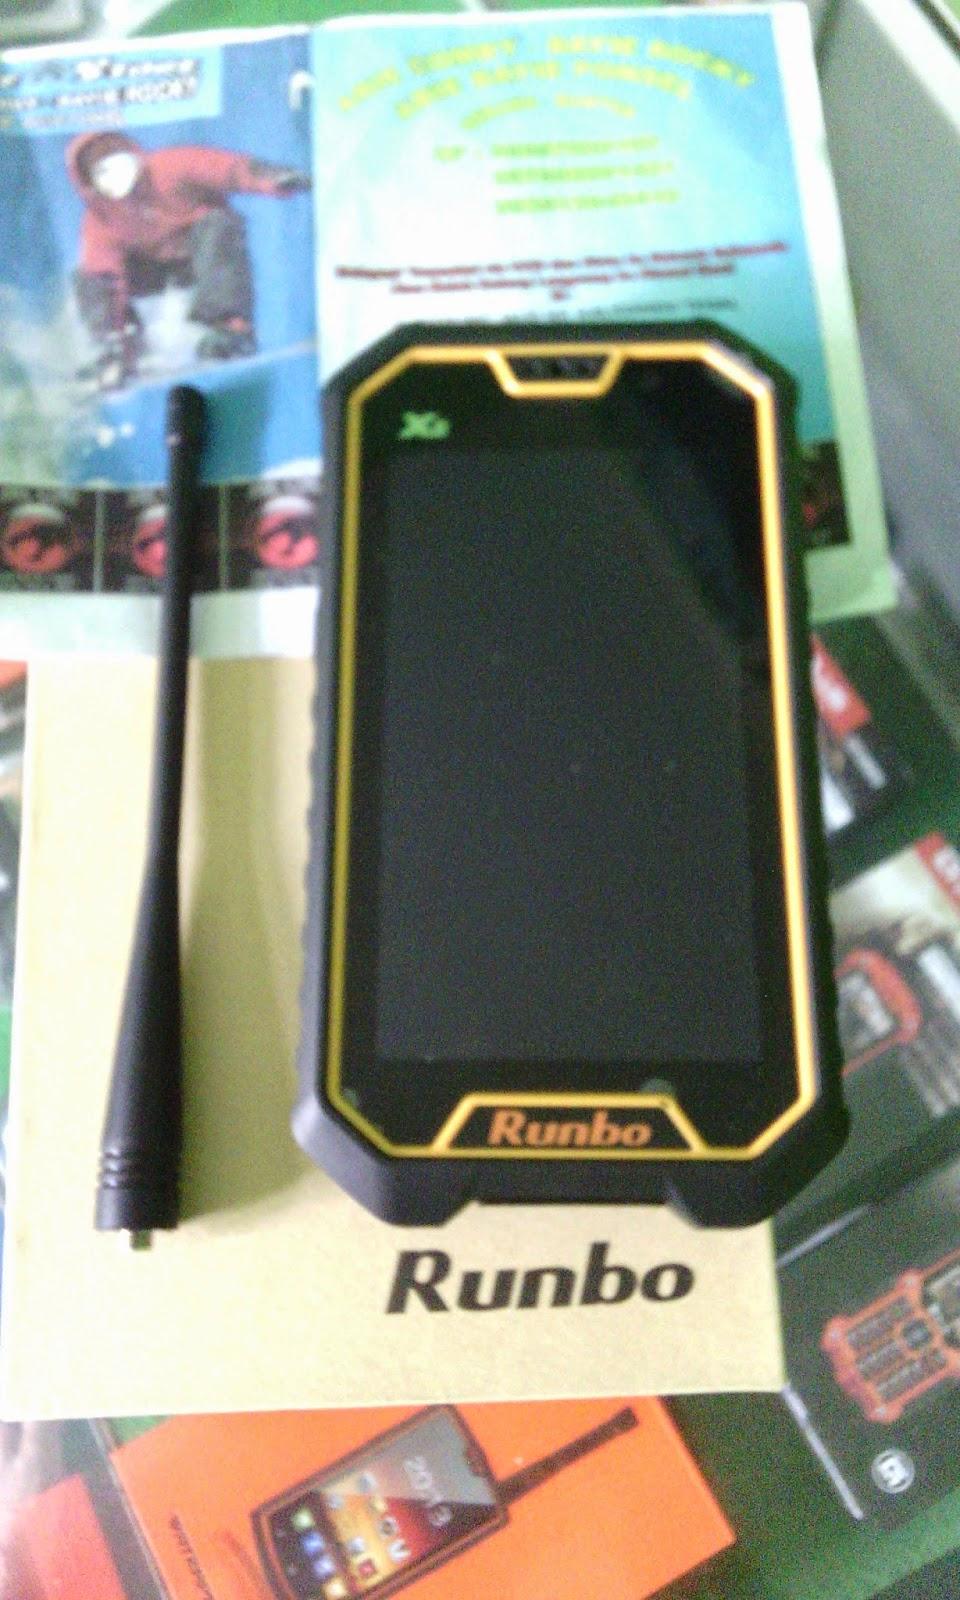 Abie Comby Bayie Ponsel Rungee X1 Gsm Cdma Phone 3 Kartu Waterproof Runbo X6 Versi Terbaru 4g Lte Ram 2gb Rom 16gb Suport Walkie Talkie Ht Harga Rp8500000